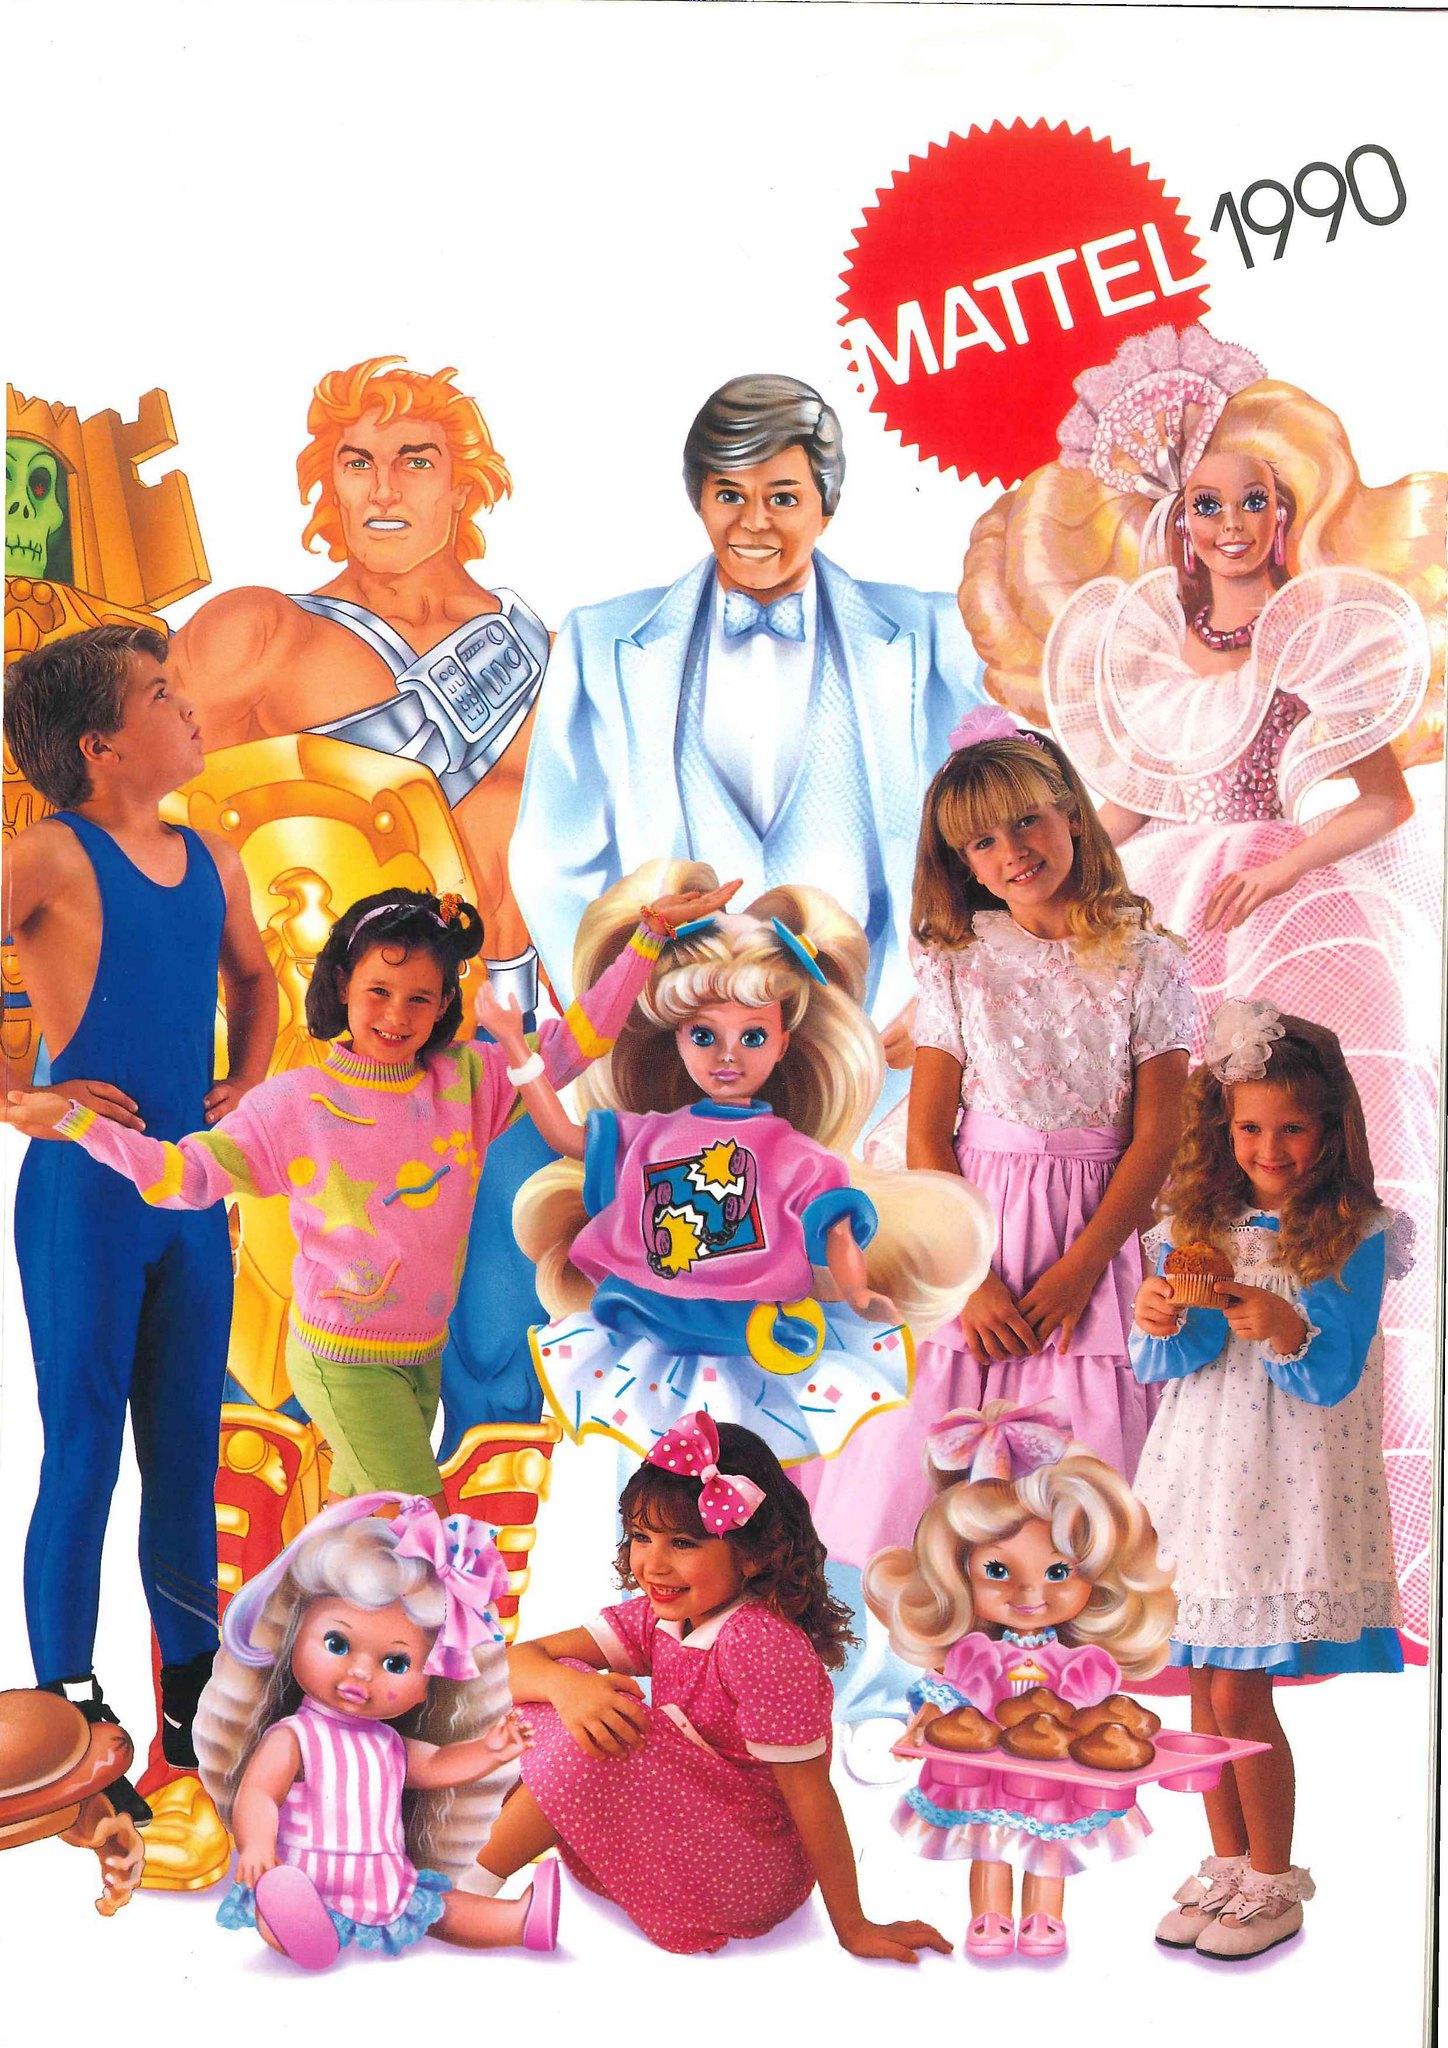 Mattel 1990 49521105503_a4d4ed76d3_k